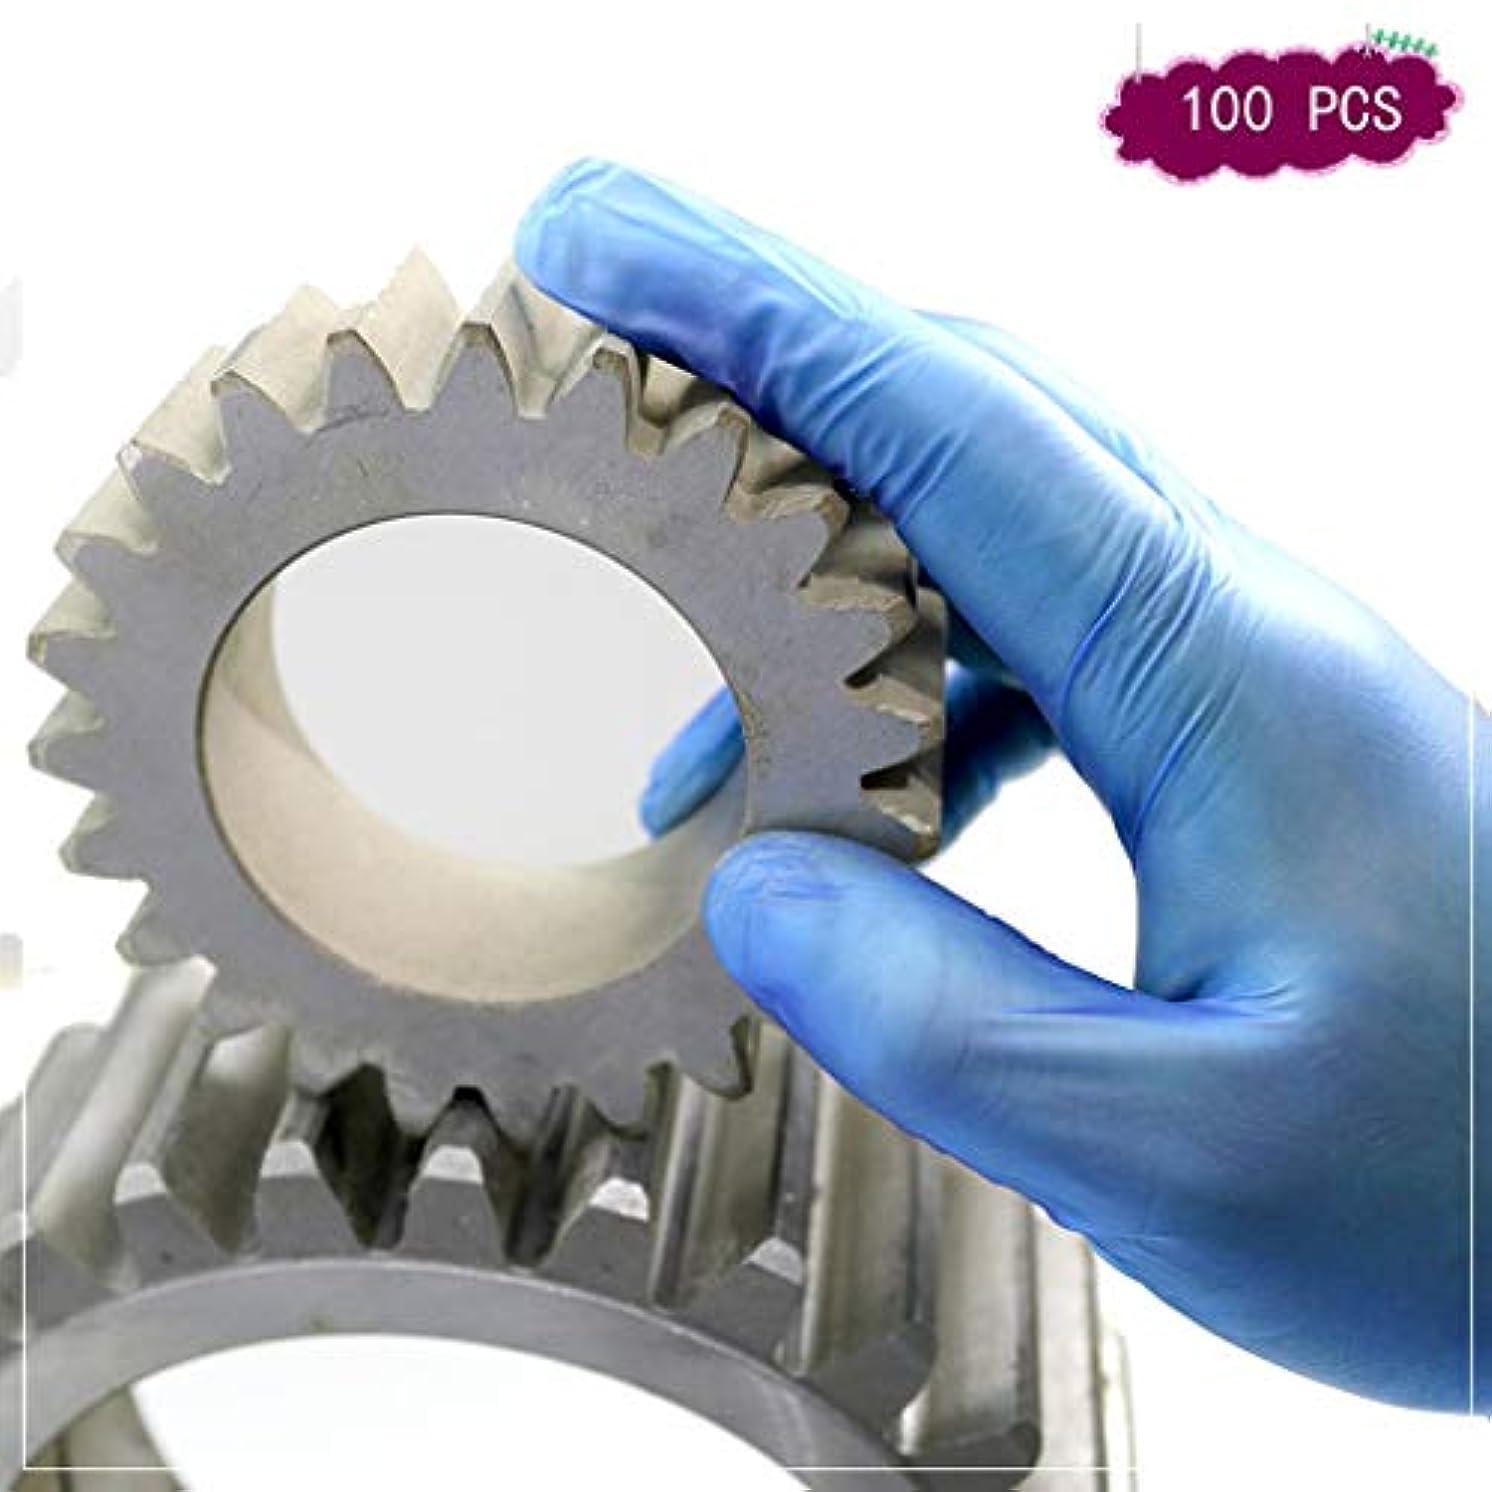 戻す申請中吸い込む使い捨てラテックス手袋工業用グレードPVC手袋帯電防止パウダーフリーの光沢9インチアンチ油 (Color : 9 inch, Size : XL)